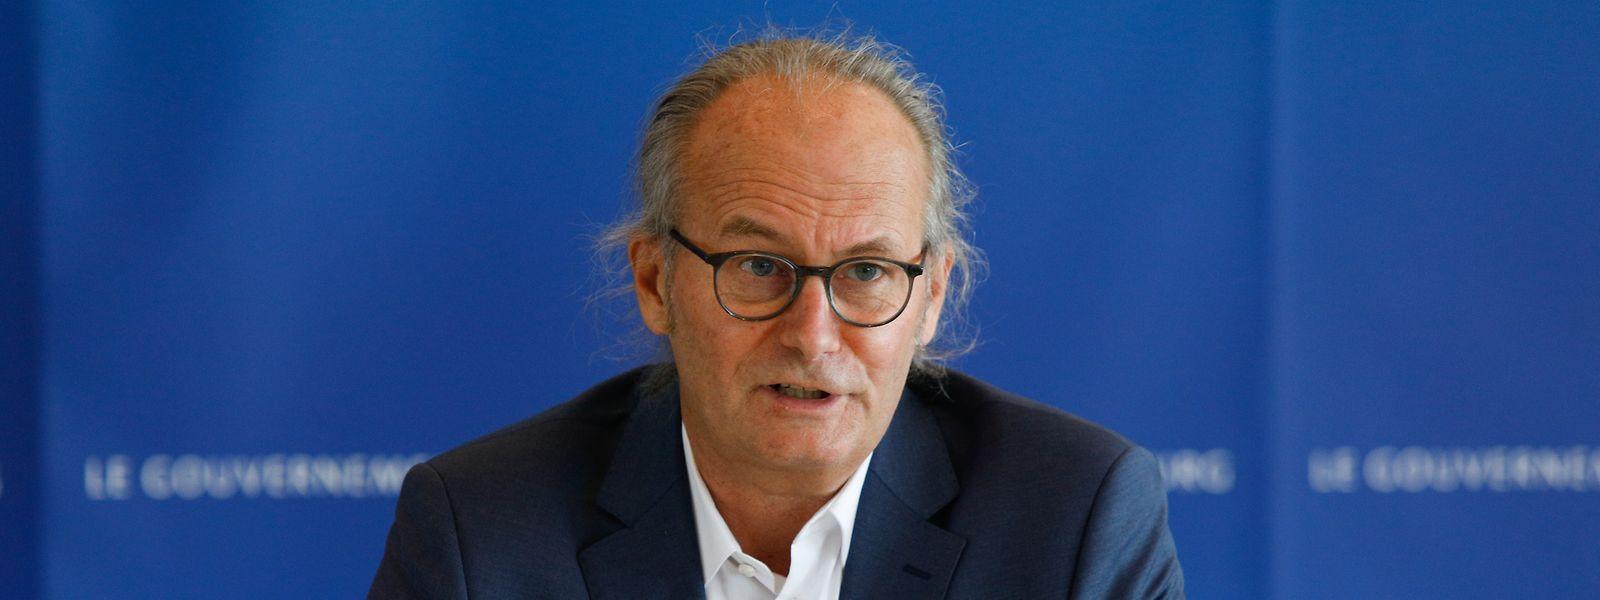 Voué à être utilisé de manière ciblée, l'hydrogène doit permettre de réduire «de un à deux millions de tonnes CO2 équivalents par an» les gaz à effet de serre au Luxembourg, selon Claude Turmes.